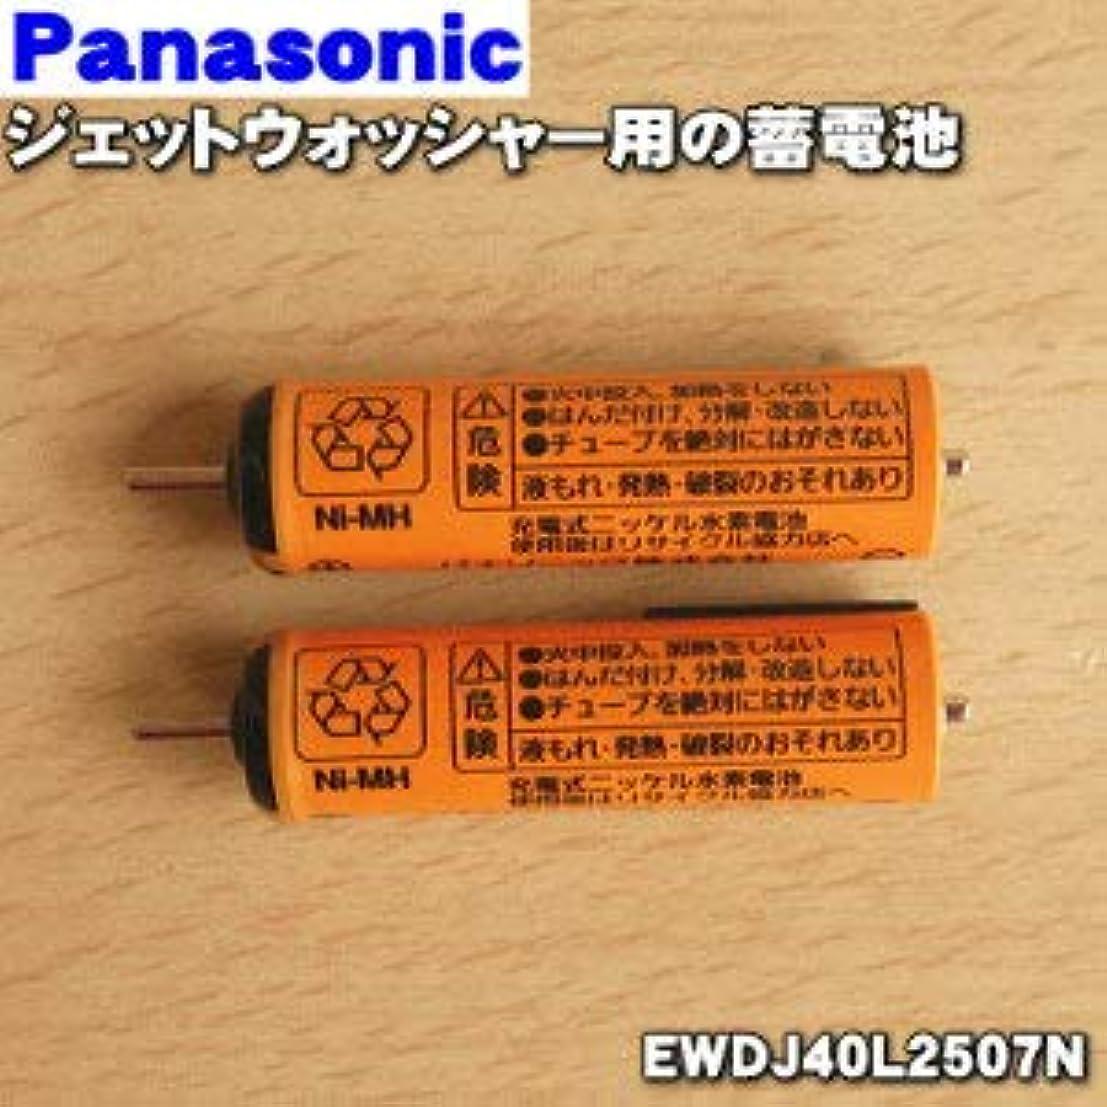 海港落とし穴ミキサーパナソニック Panasonic 音波振動ハブラシ Doltz 蓄電池交換用蓄電池 EWDJ40L2507N